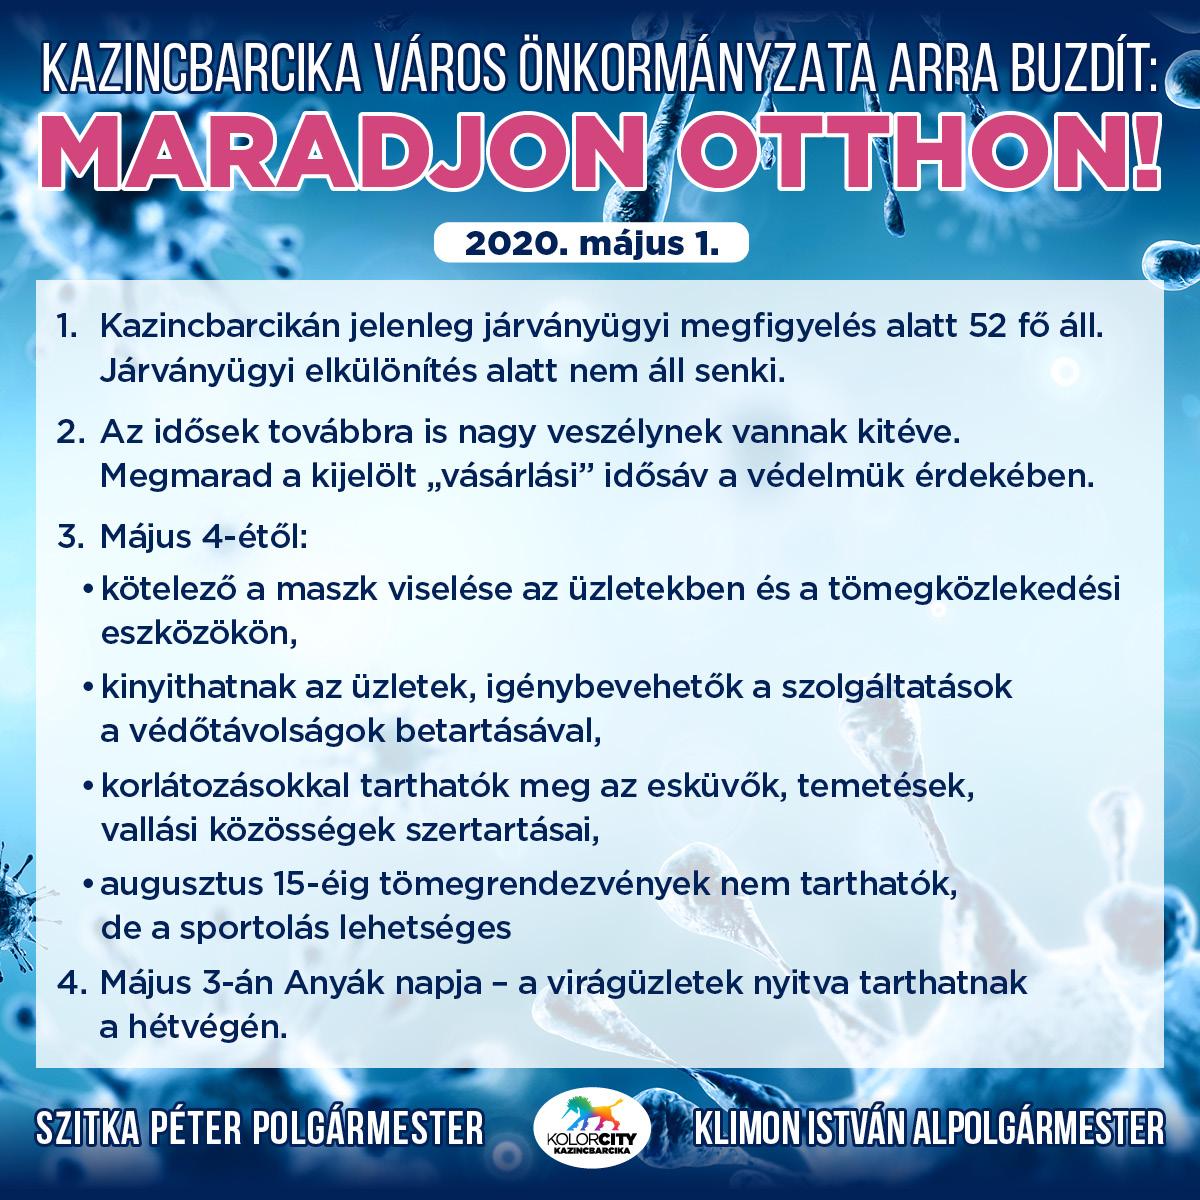 https://kolorline.hu/Kazincbarcika Város Önkormányzata arra buzdít: Maradj otthon! – 2020. május 1.